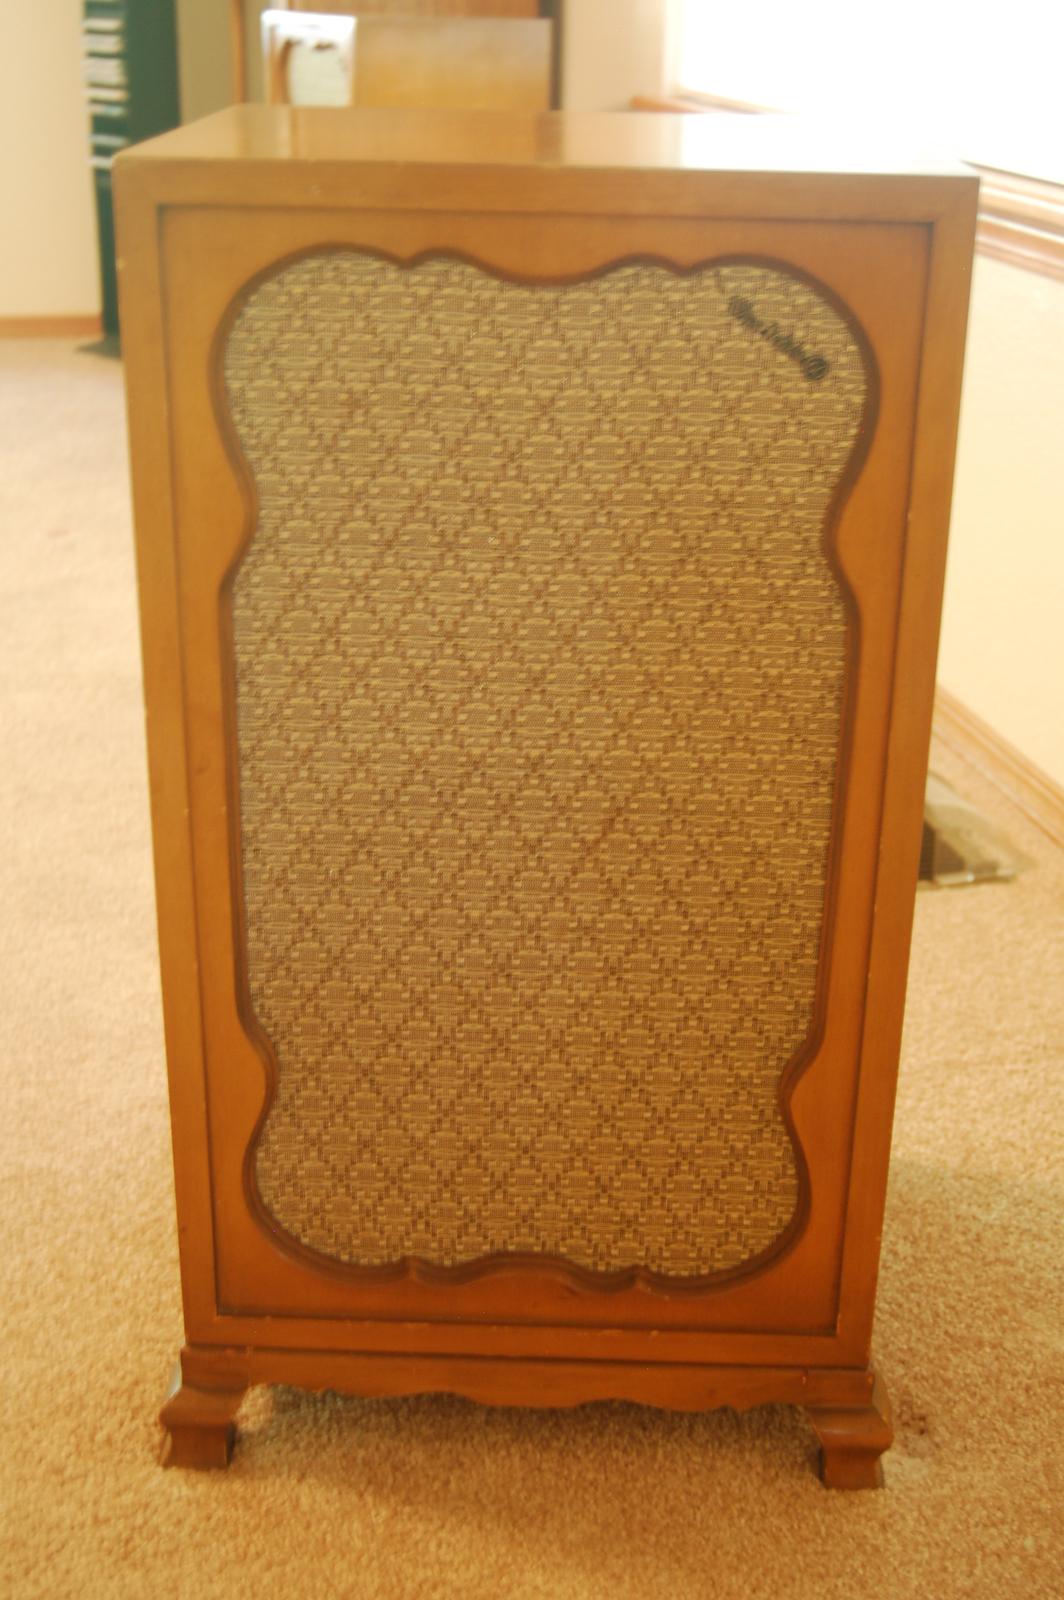 Vintage Speaker Systems 97